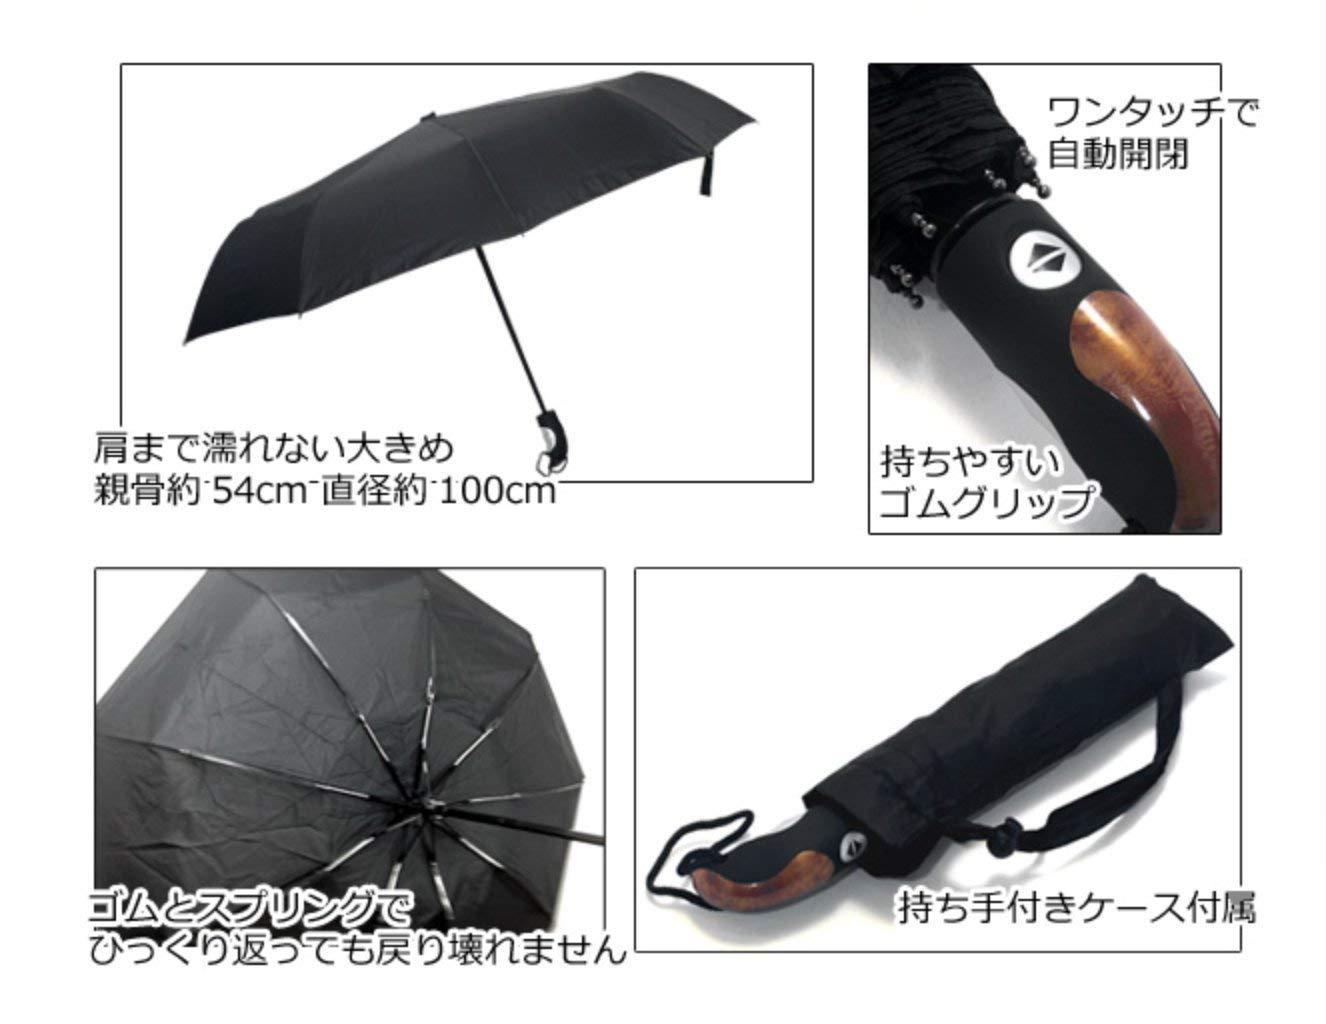 耐風自動開閉折りたたみ傘/自動開閉耐風折りたたみ傘 UM-001【YDKG-kd】[(一部地域を除く)]